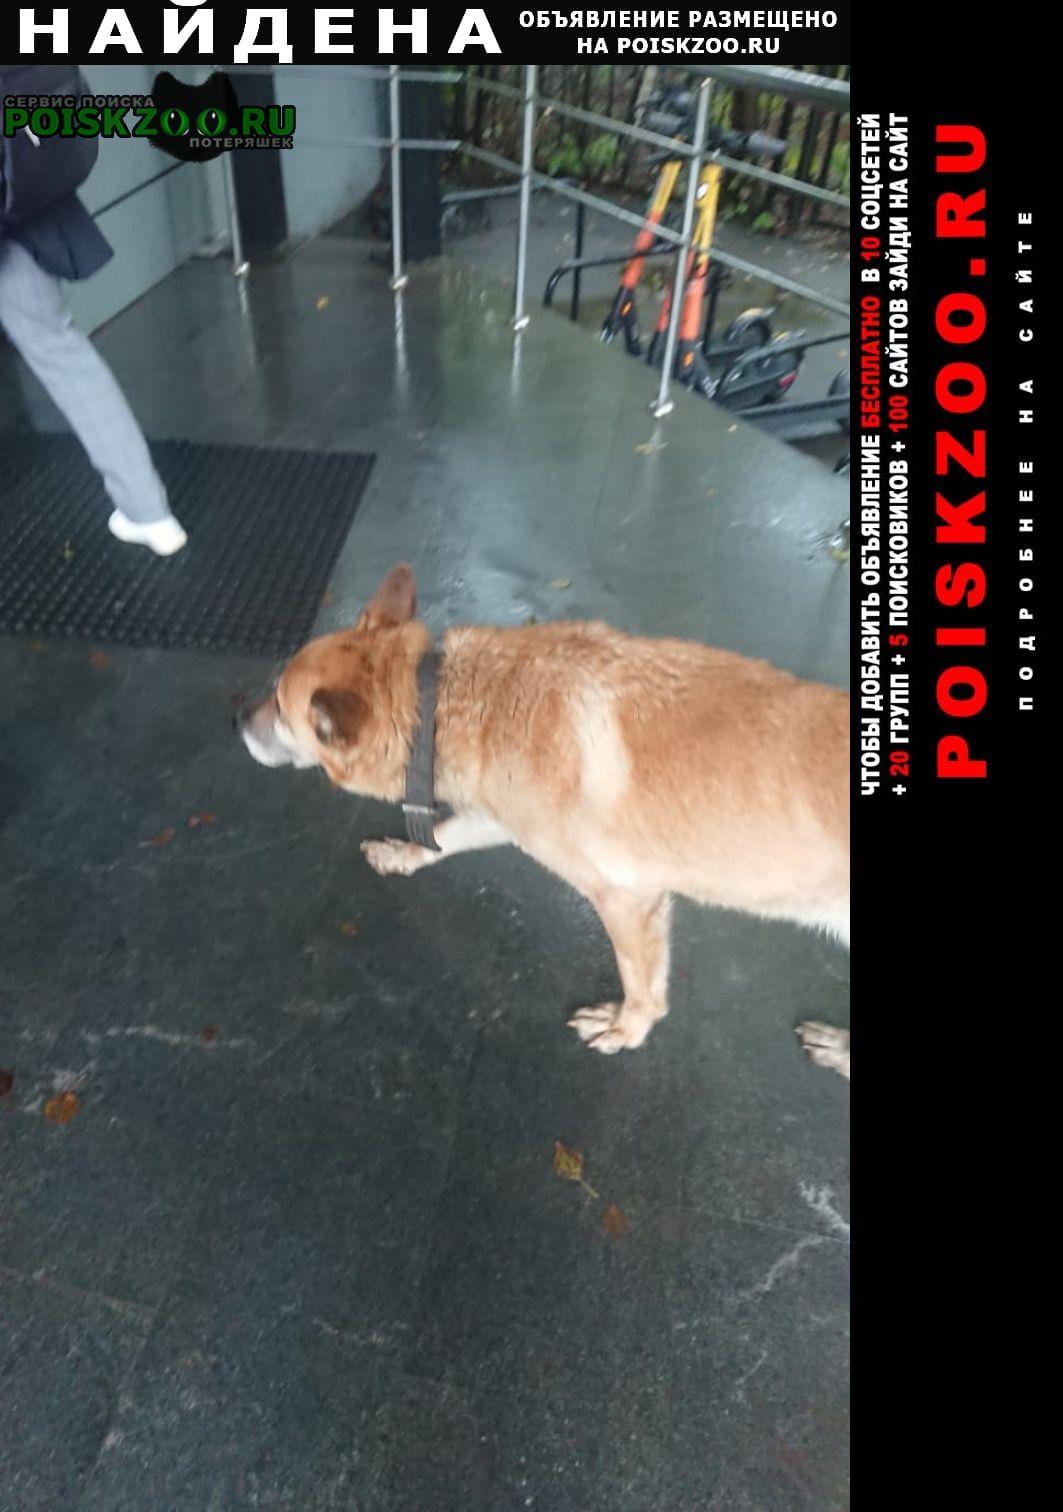 Найдена собака у м. нагорная Москва